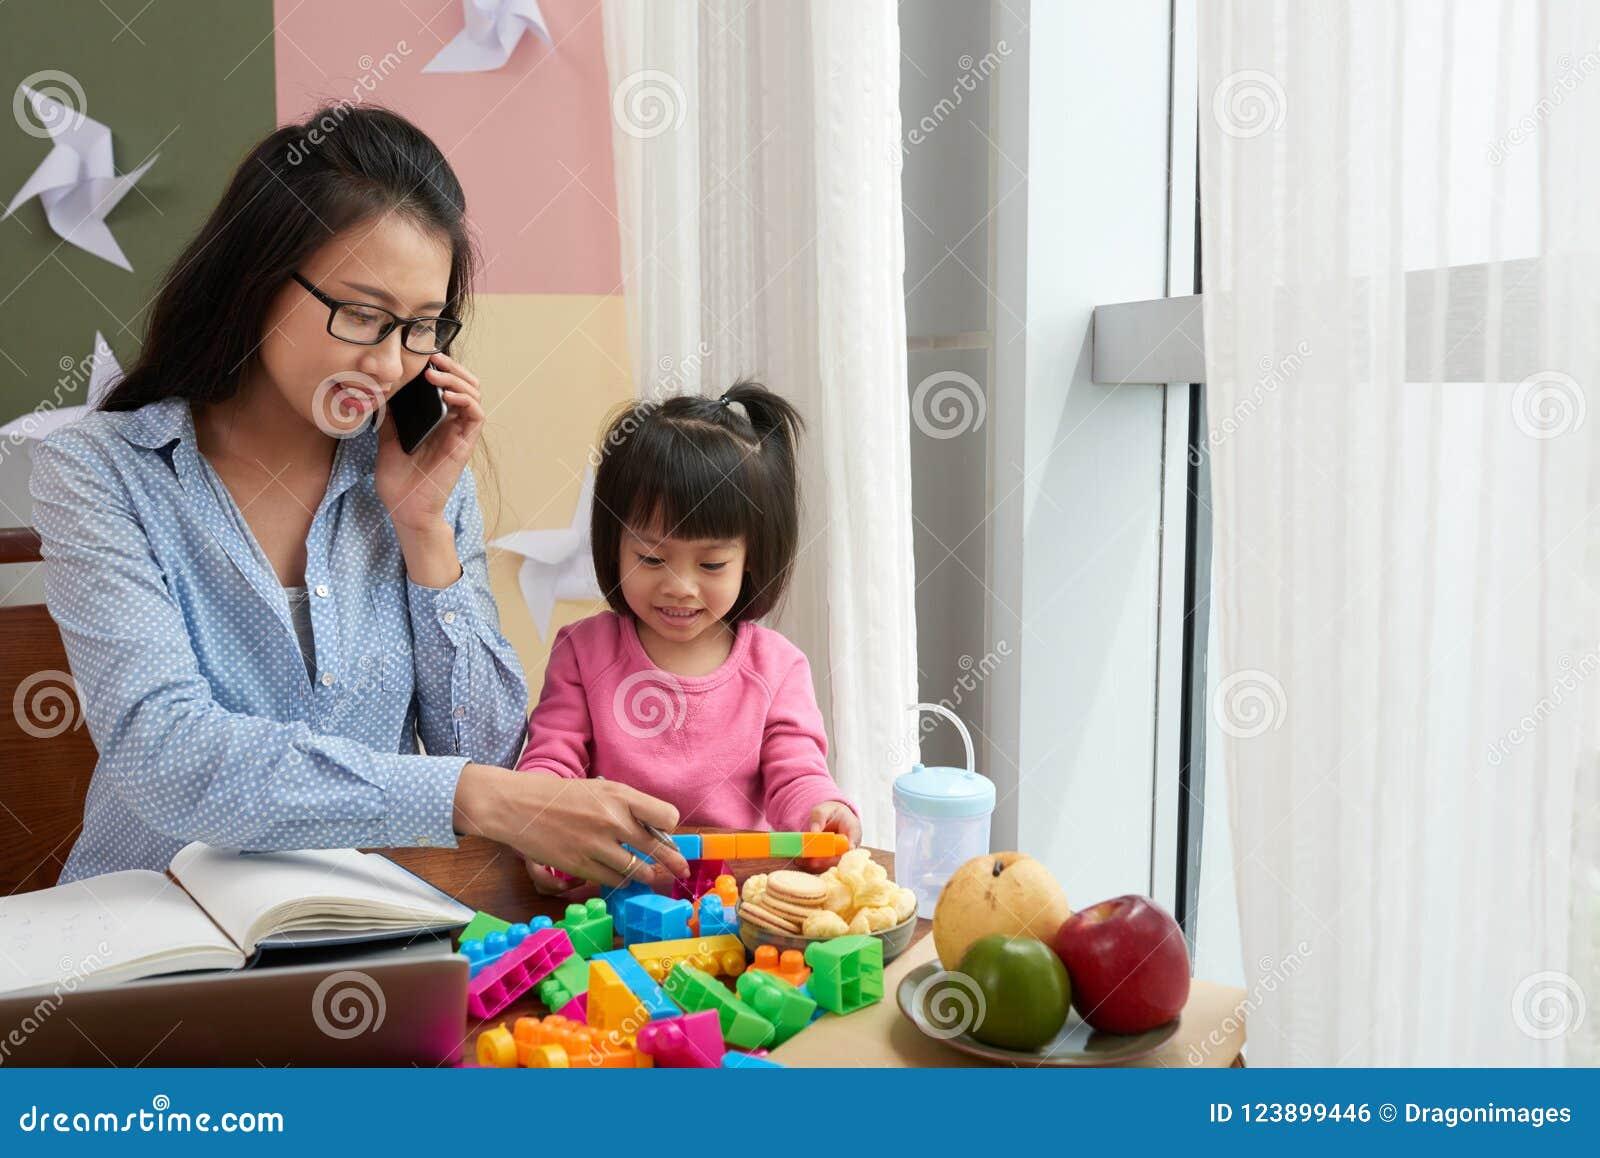 Kleines Mädchen mit berufstätiger Frau zu Hause